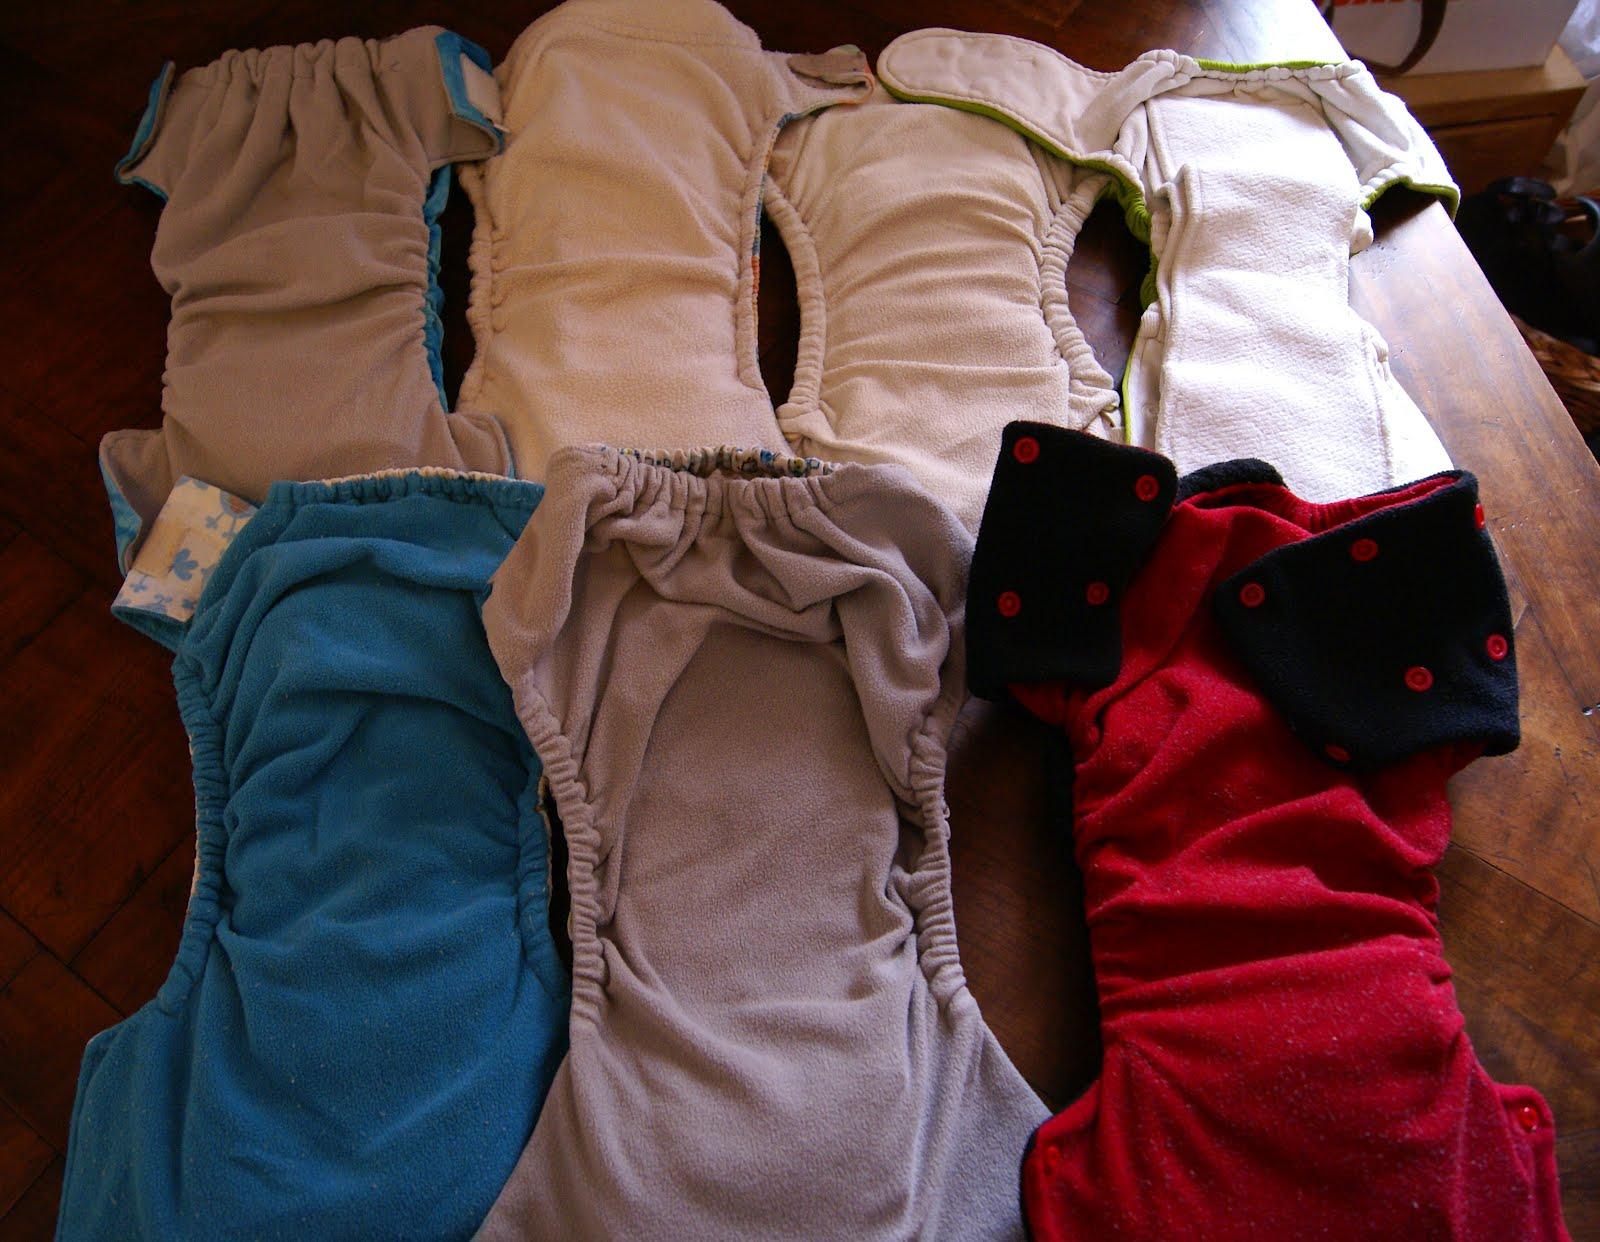 videz mon armoire lot de couches lavables. Black Bedroom Furniture Sets. Home Design Ideas